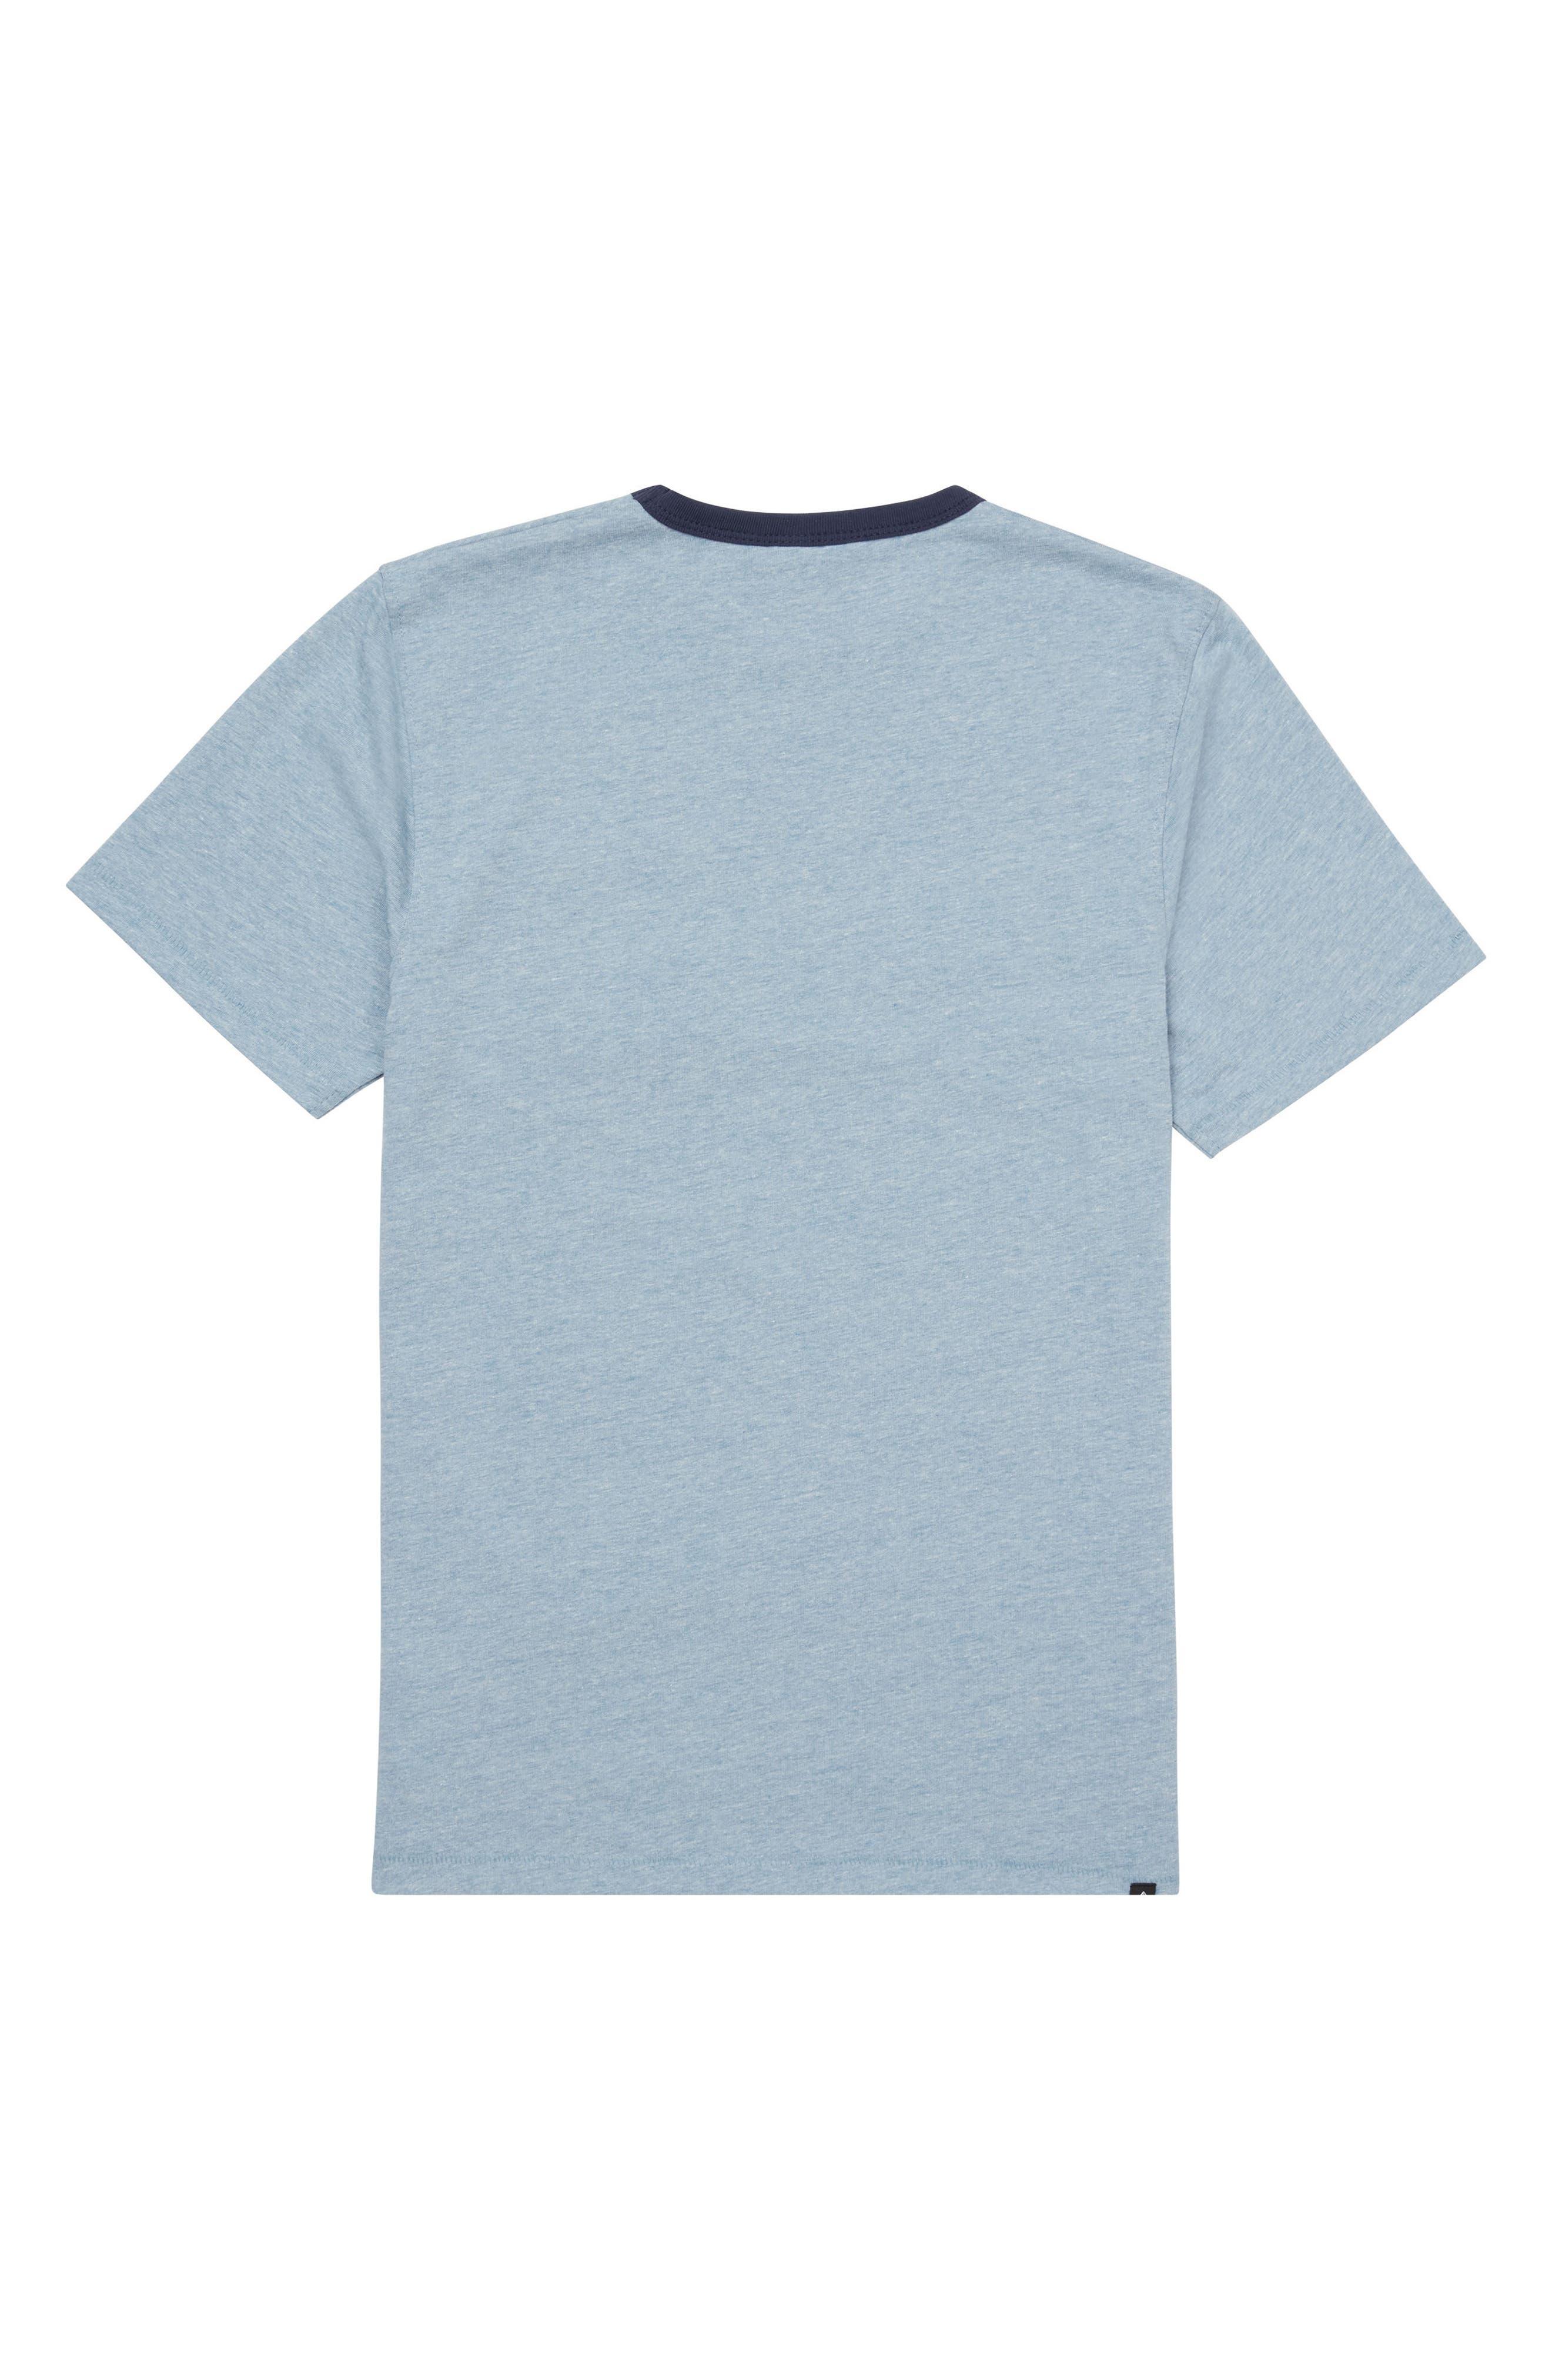 Point Place Crewneck T-Shirt,                             Alternate thumbnail 2, color,                             405